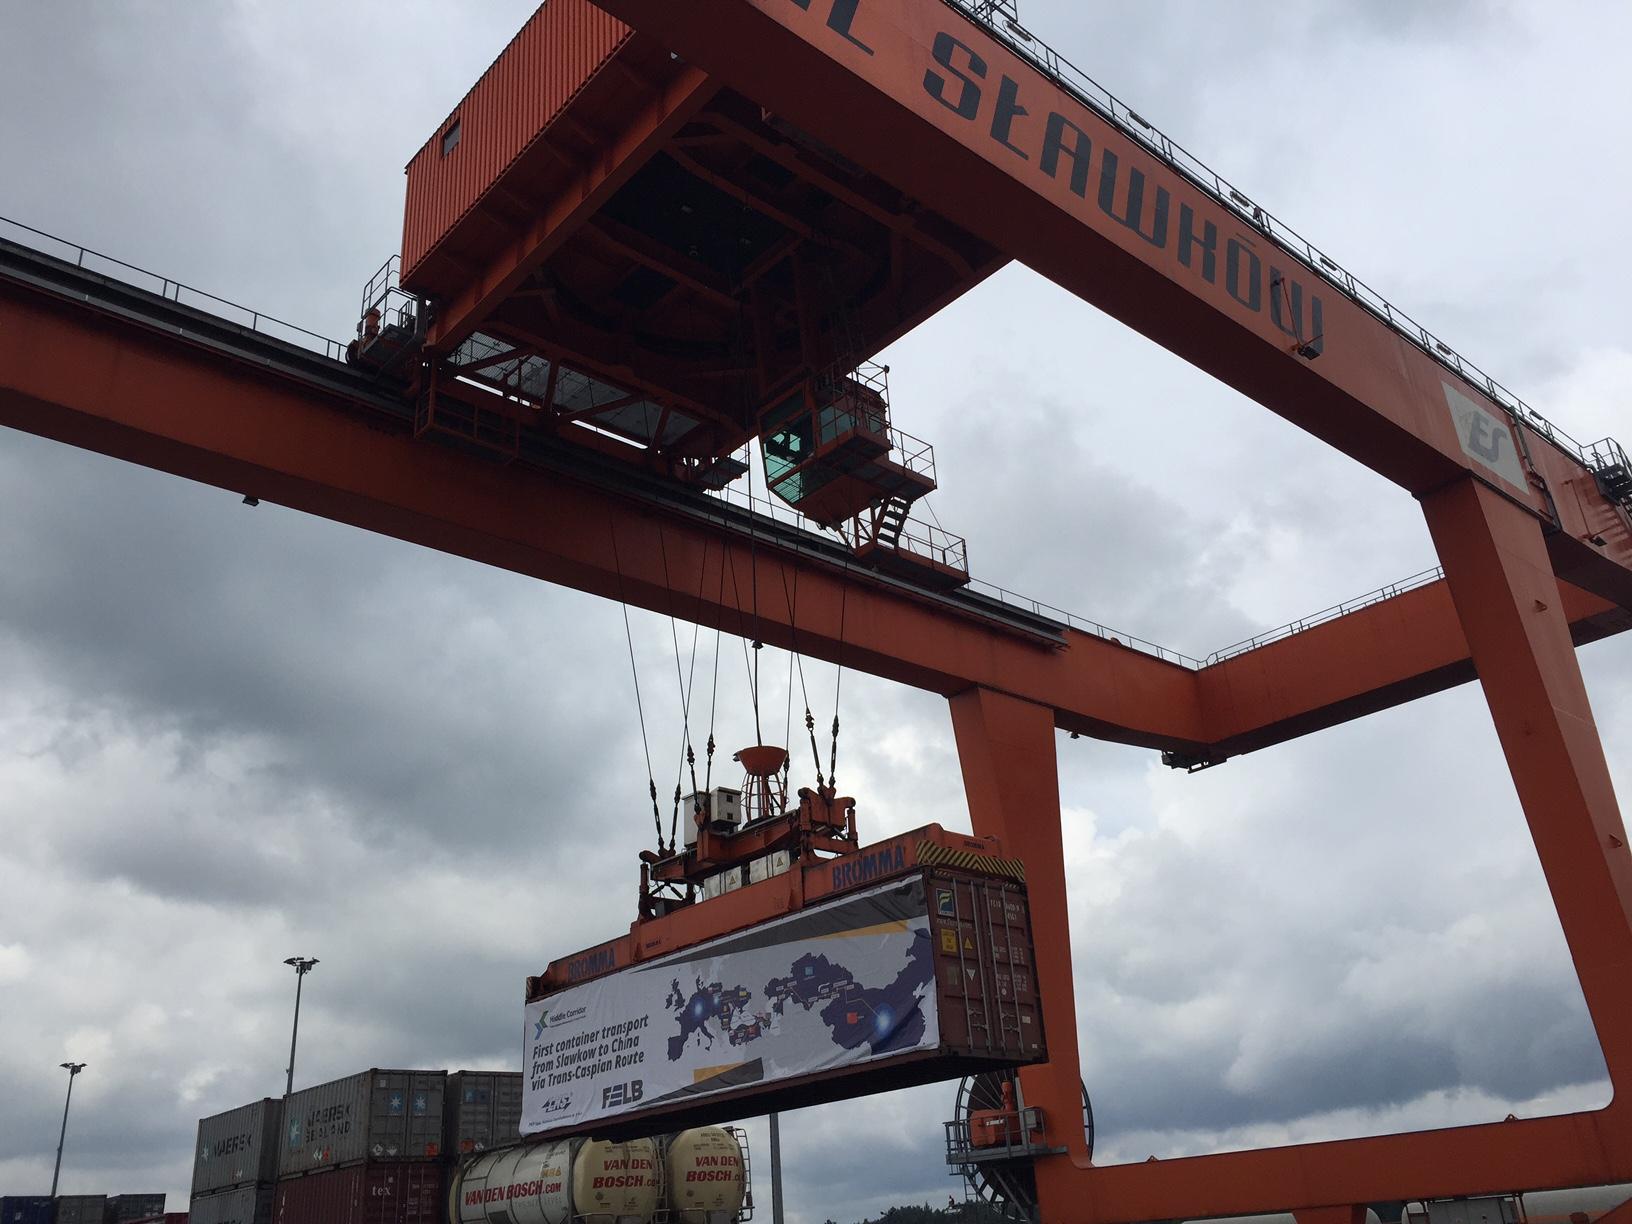 NaKolei.pl - Trasa transkaspijska - testowy przewóz kontenera ze Sławkowa do chińskiego Urumczi